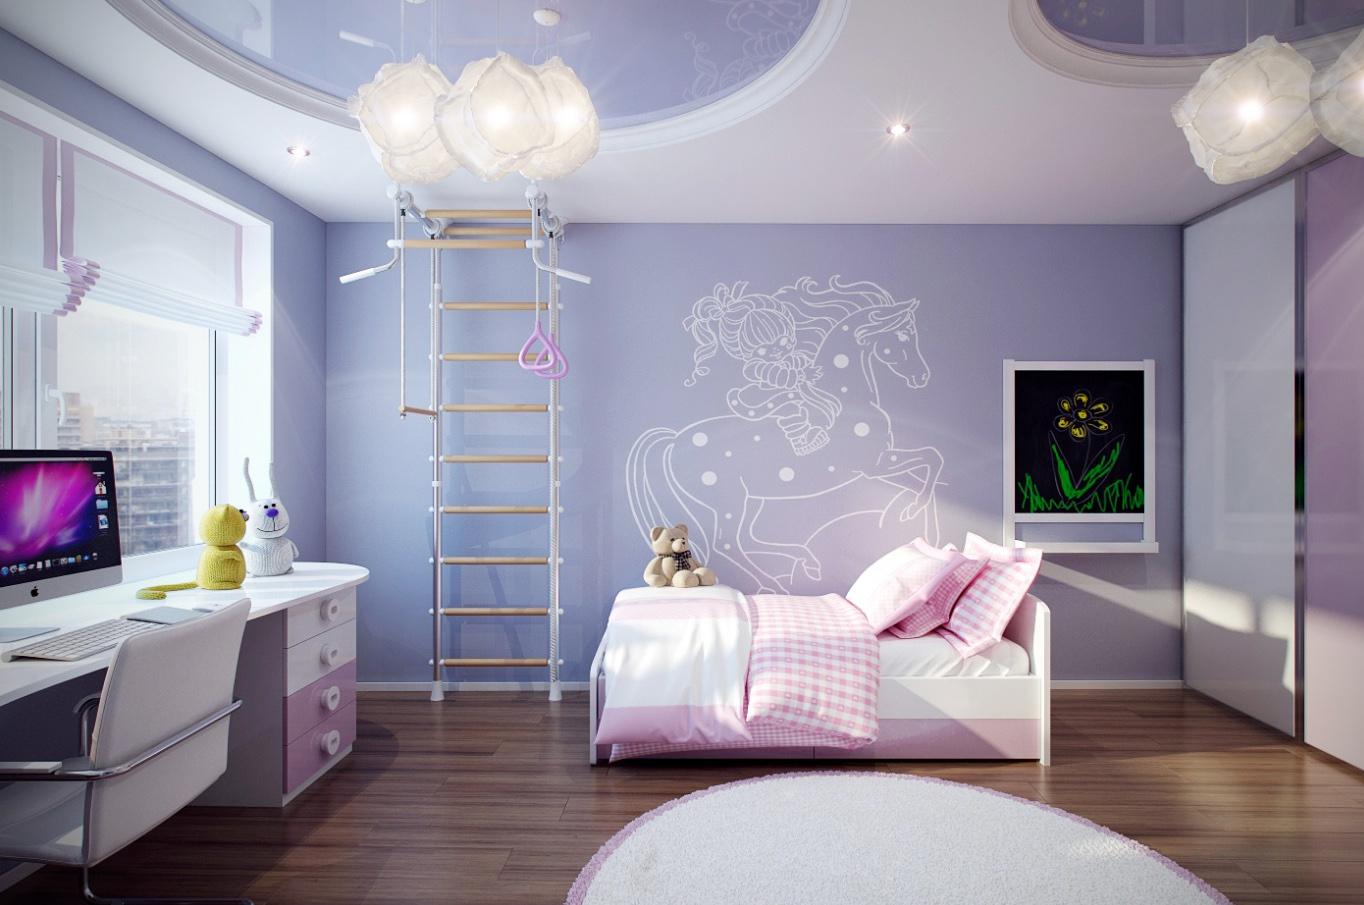 Цвет интерьера для детской комнаты